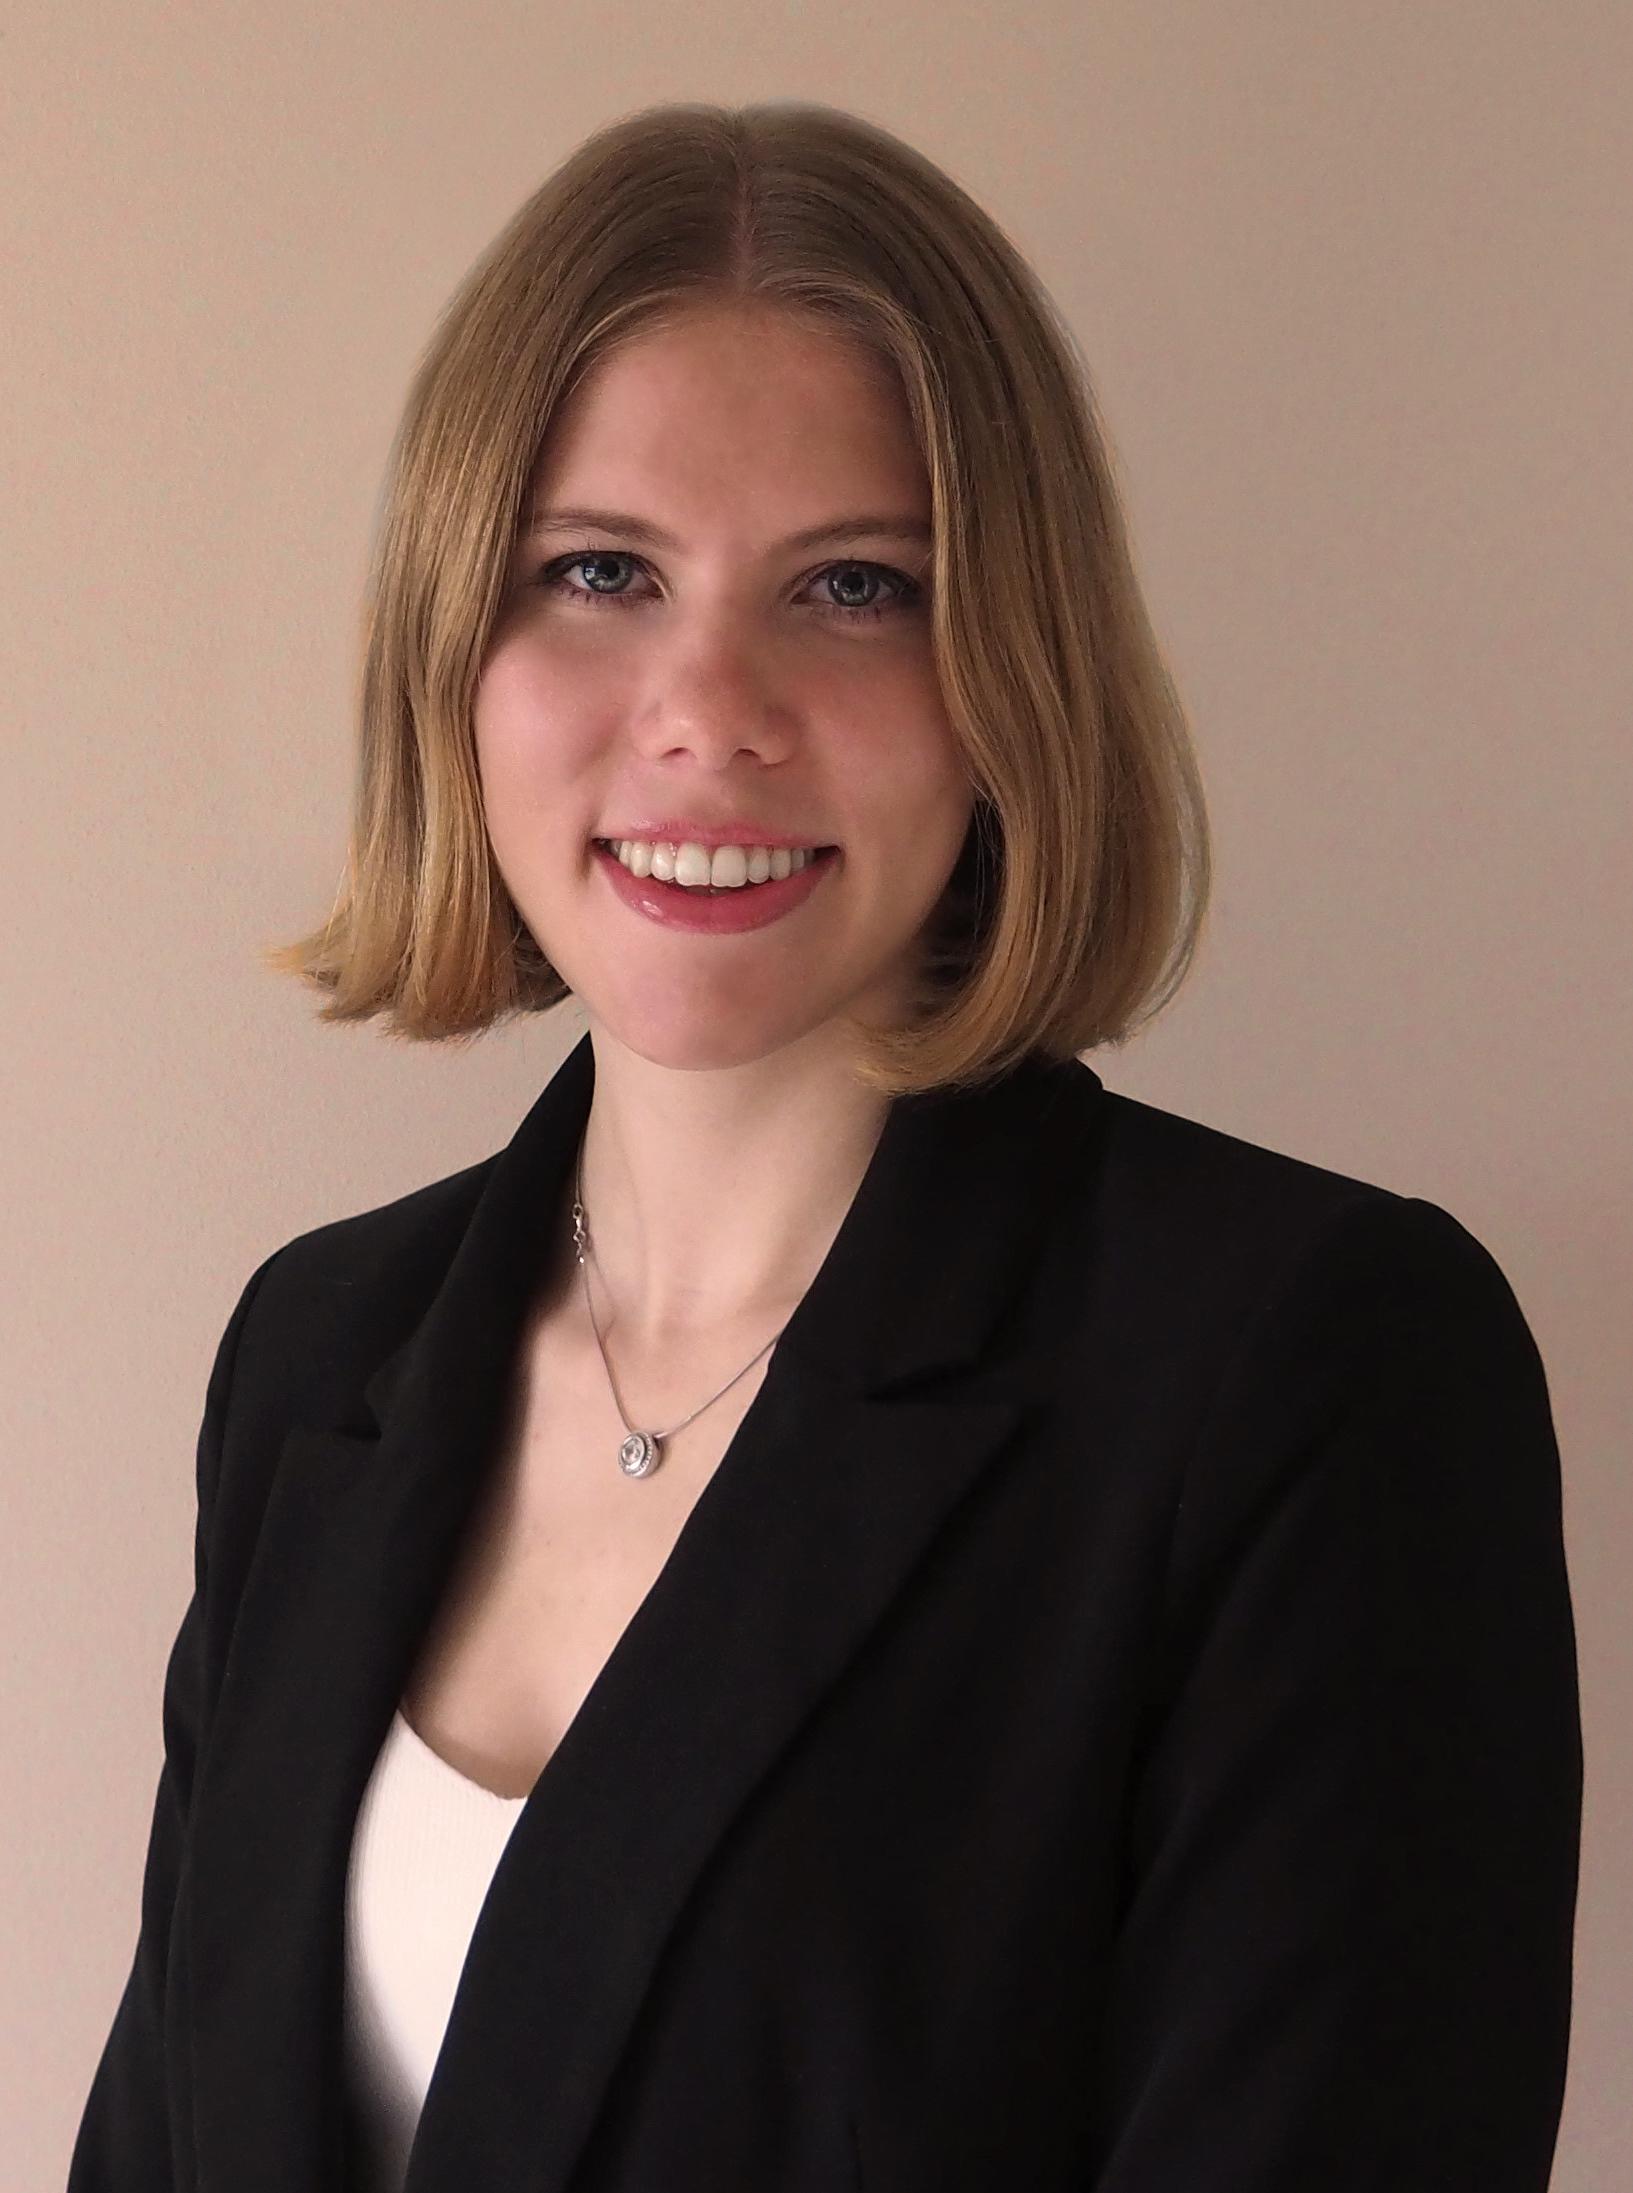 Julia Jeannine Schmid